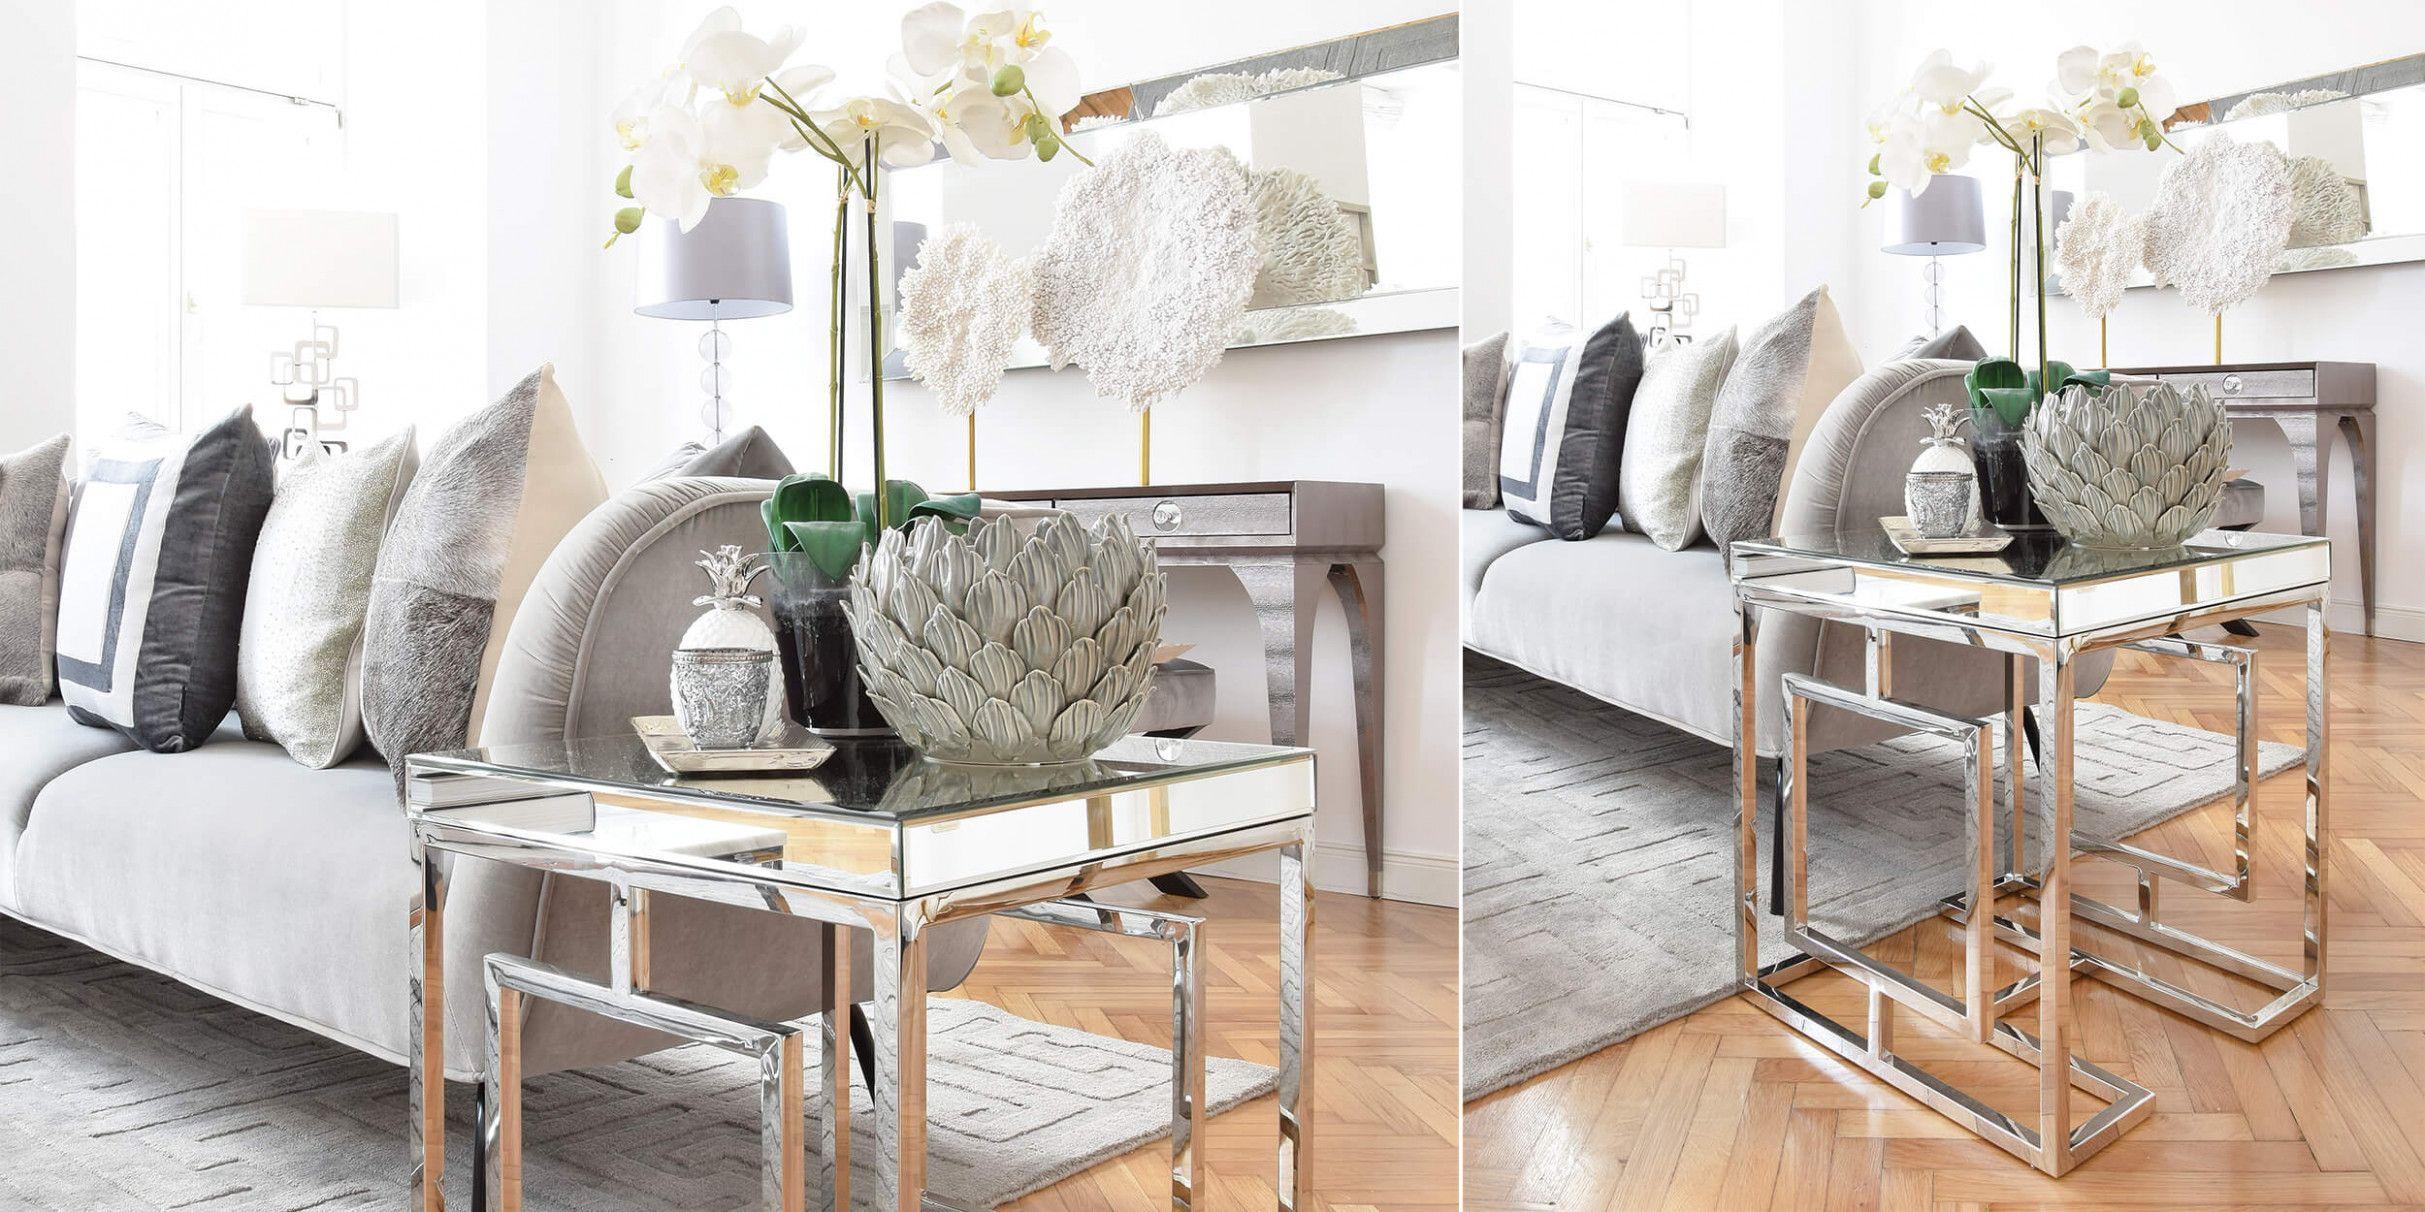 Wohnzimmer Deko Silber